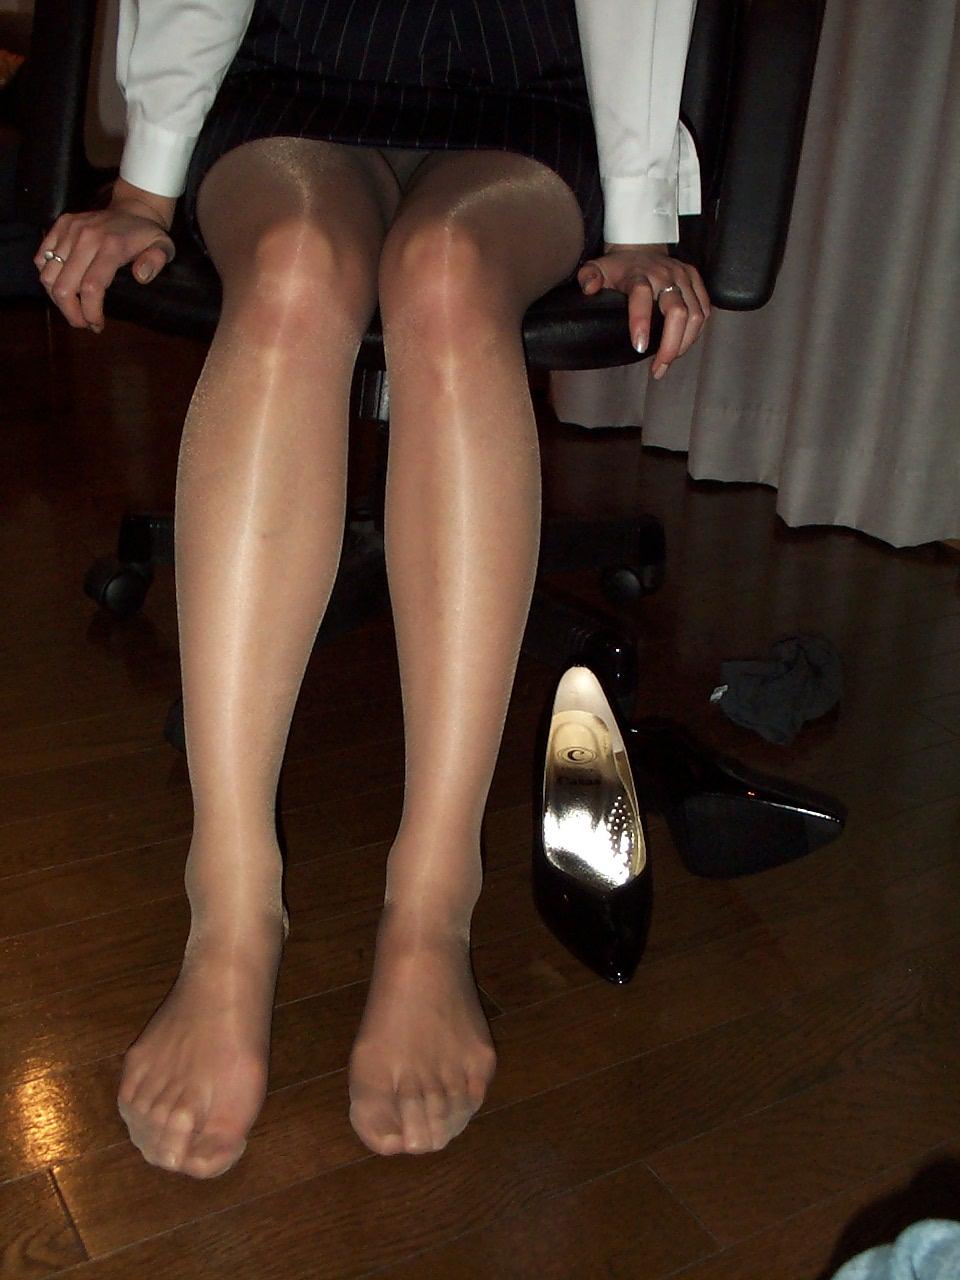 【パンスト美脚エロ画像】付け根から先まで光っているのがたまらないパンスト美脚(*゚∀゚)=3